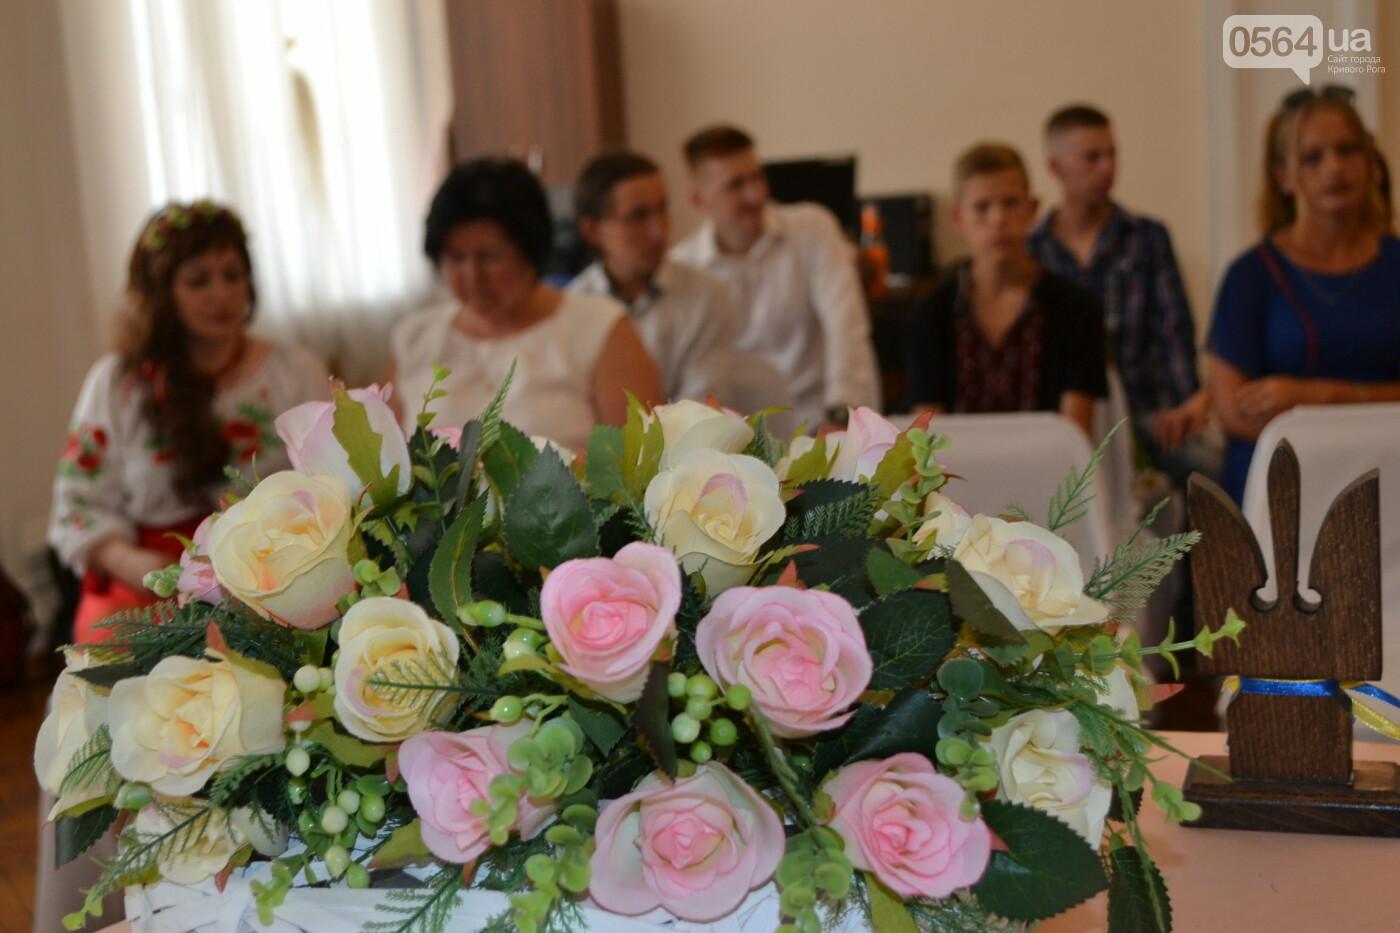 В Кривом Роге бойца 17 танковой бригады и его супругу в день бракосочетания крепко связали флагом Украины, - ФОТО, ВИДЕО, фото-9